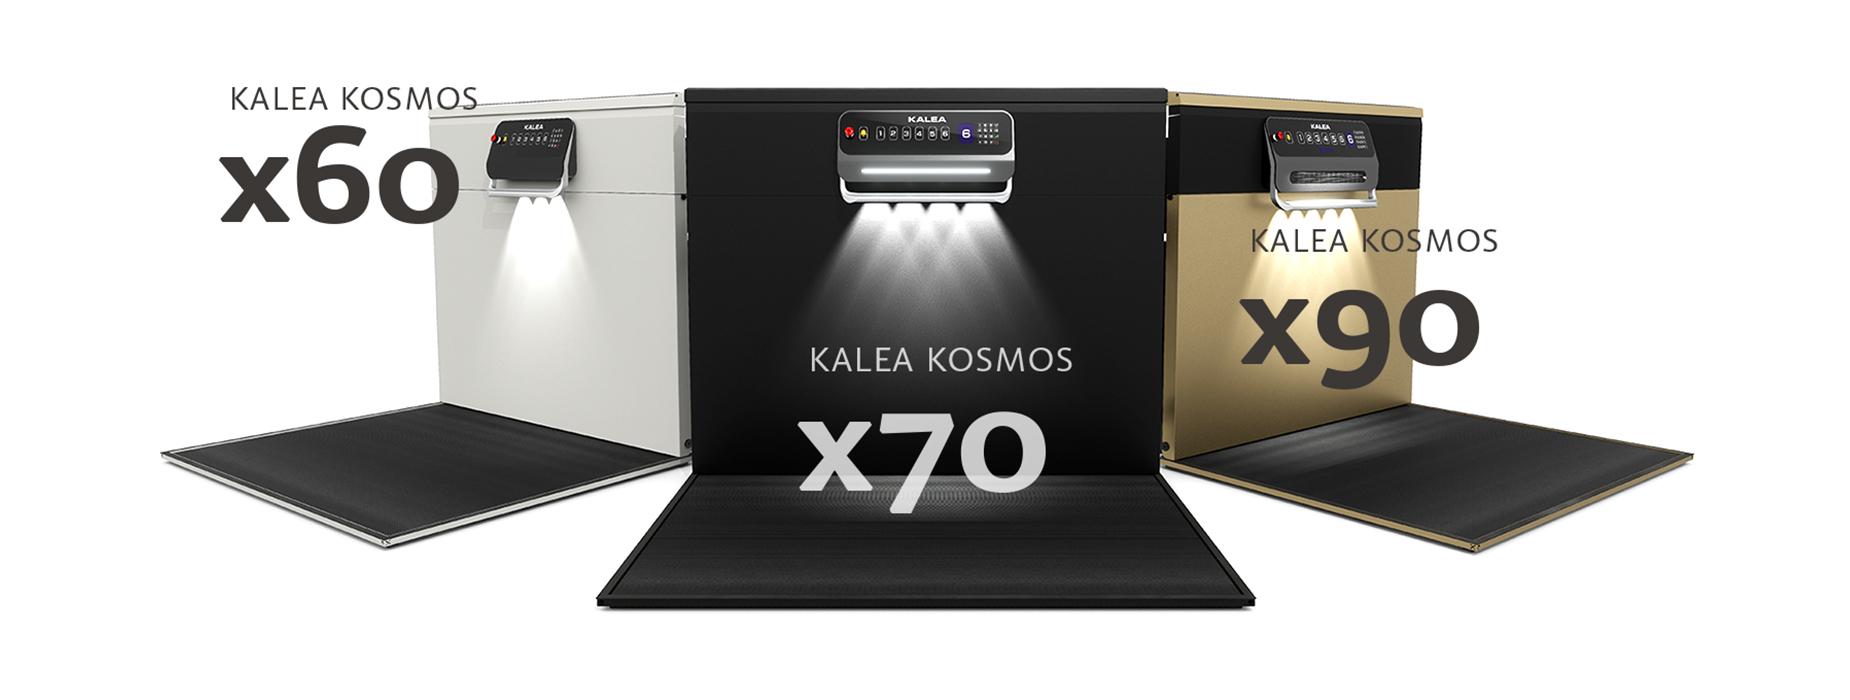 Platform lift series Kalea Kosmos